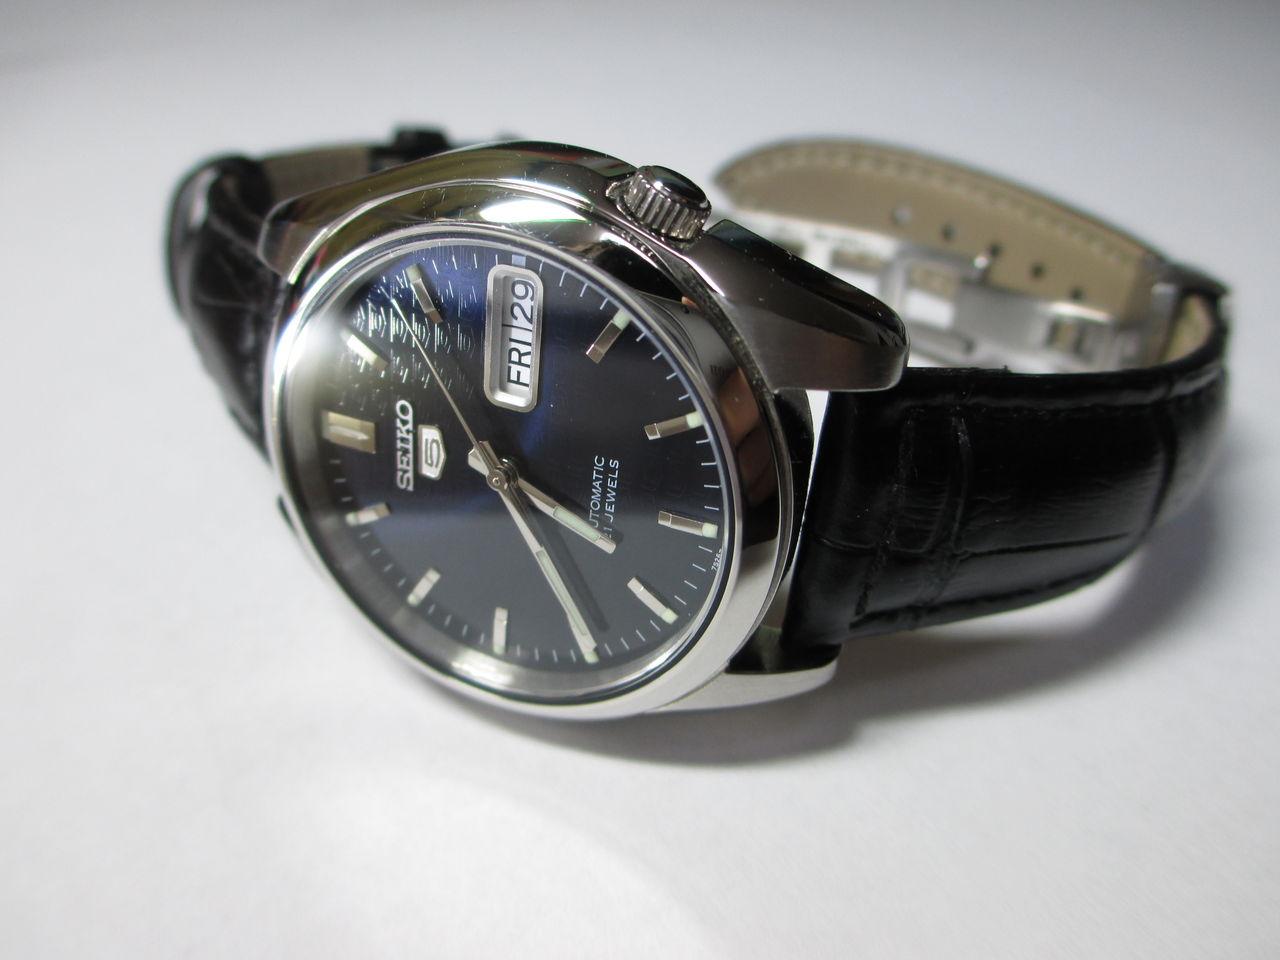 official photos 2e4fa 80cd6 無垢・革】ベルト交換〈SNK357KC〉 : 理系な腕時計ブログ